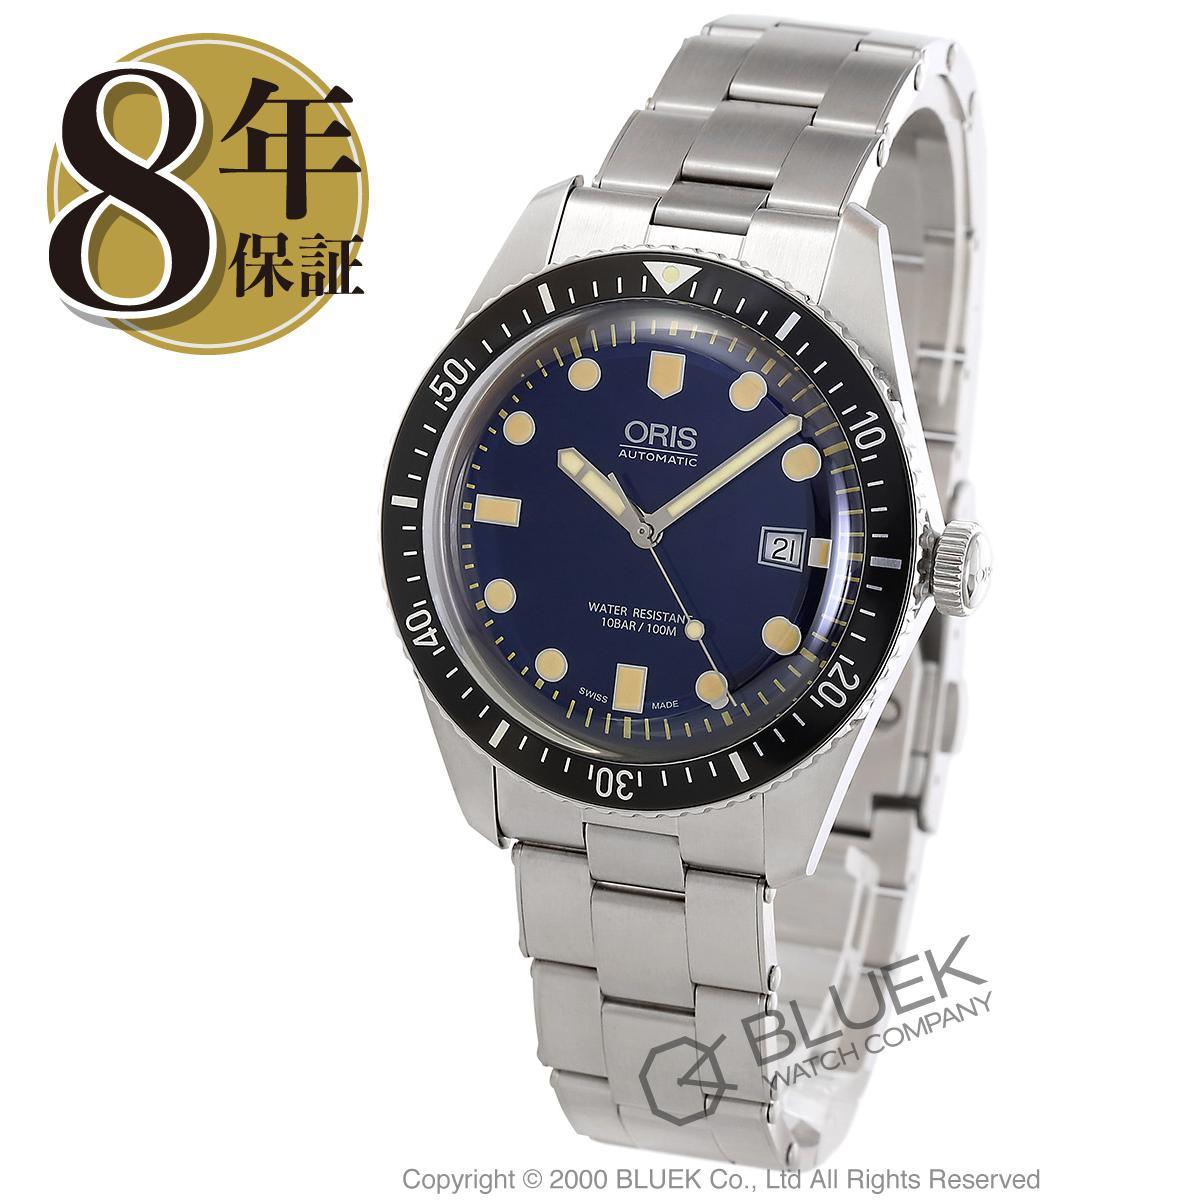 オリス ダイバーズ 65 腕時計 メンズ ORIS 733 7720 4055M_8